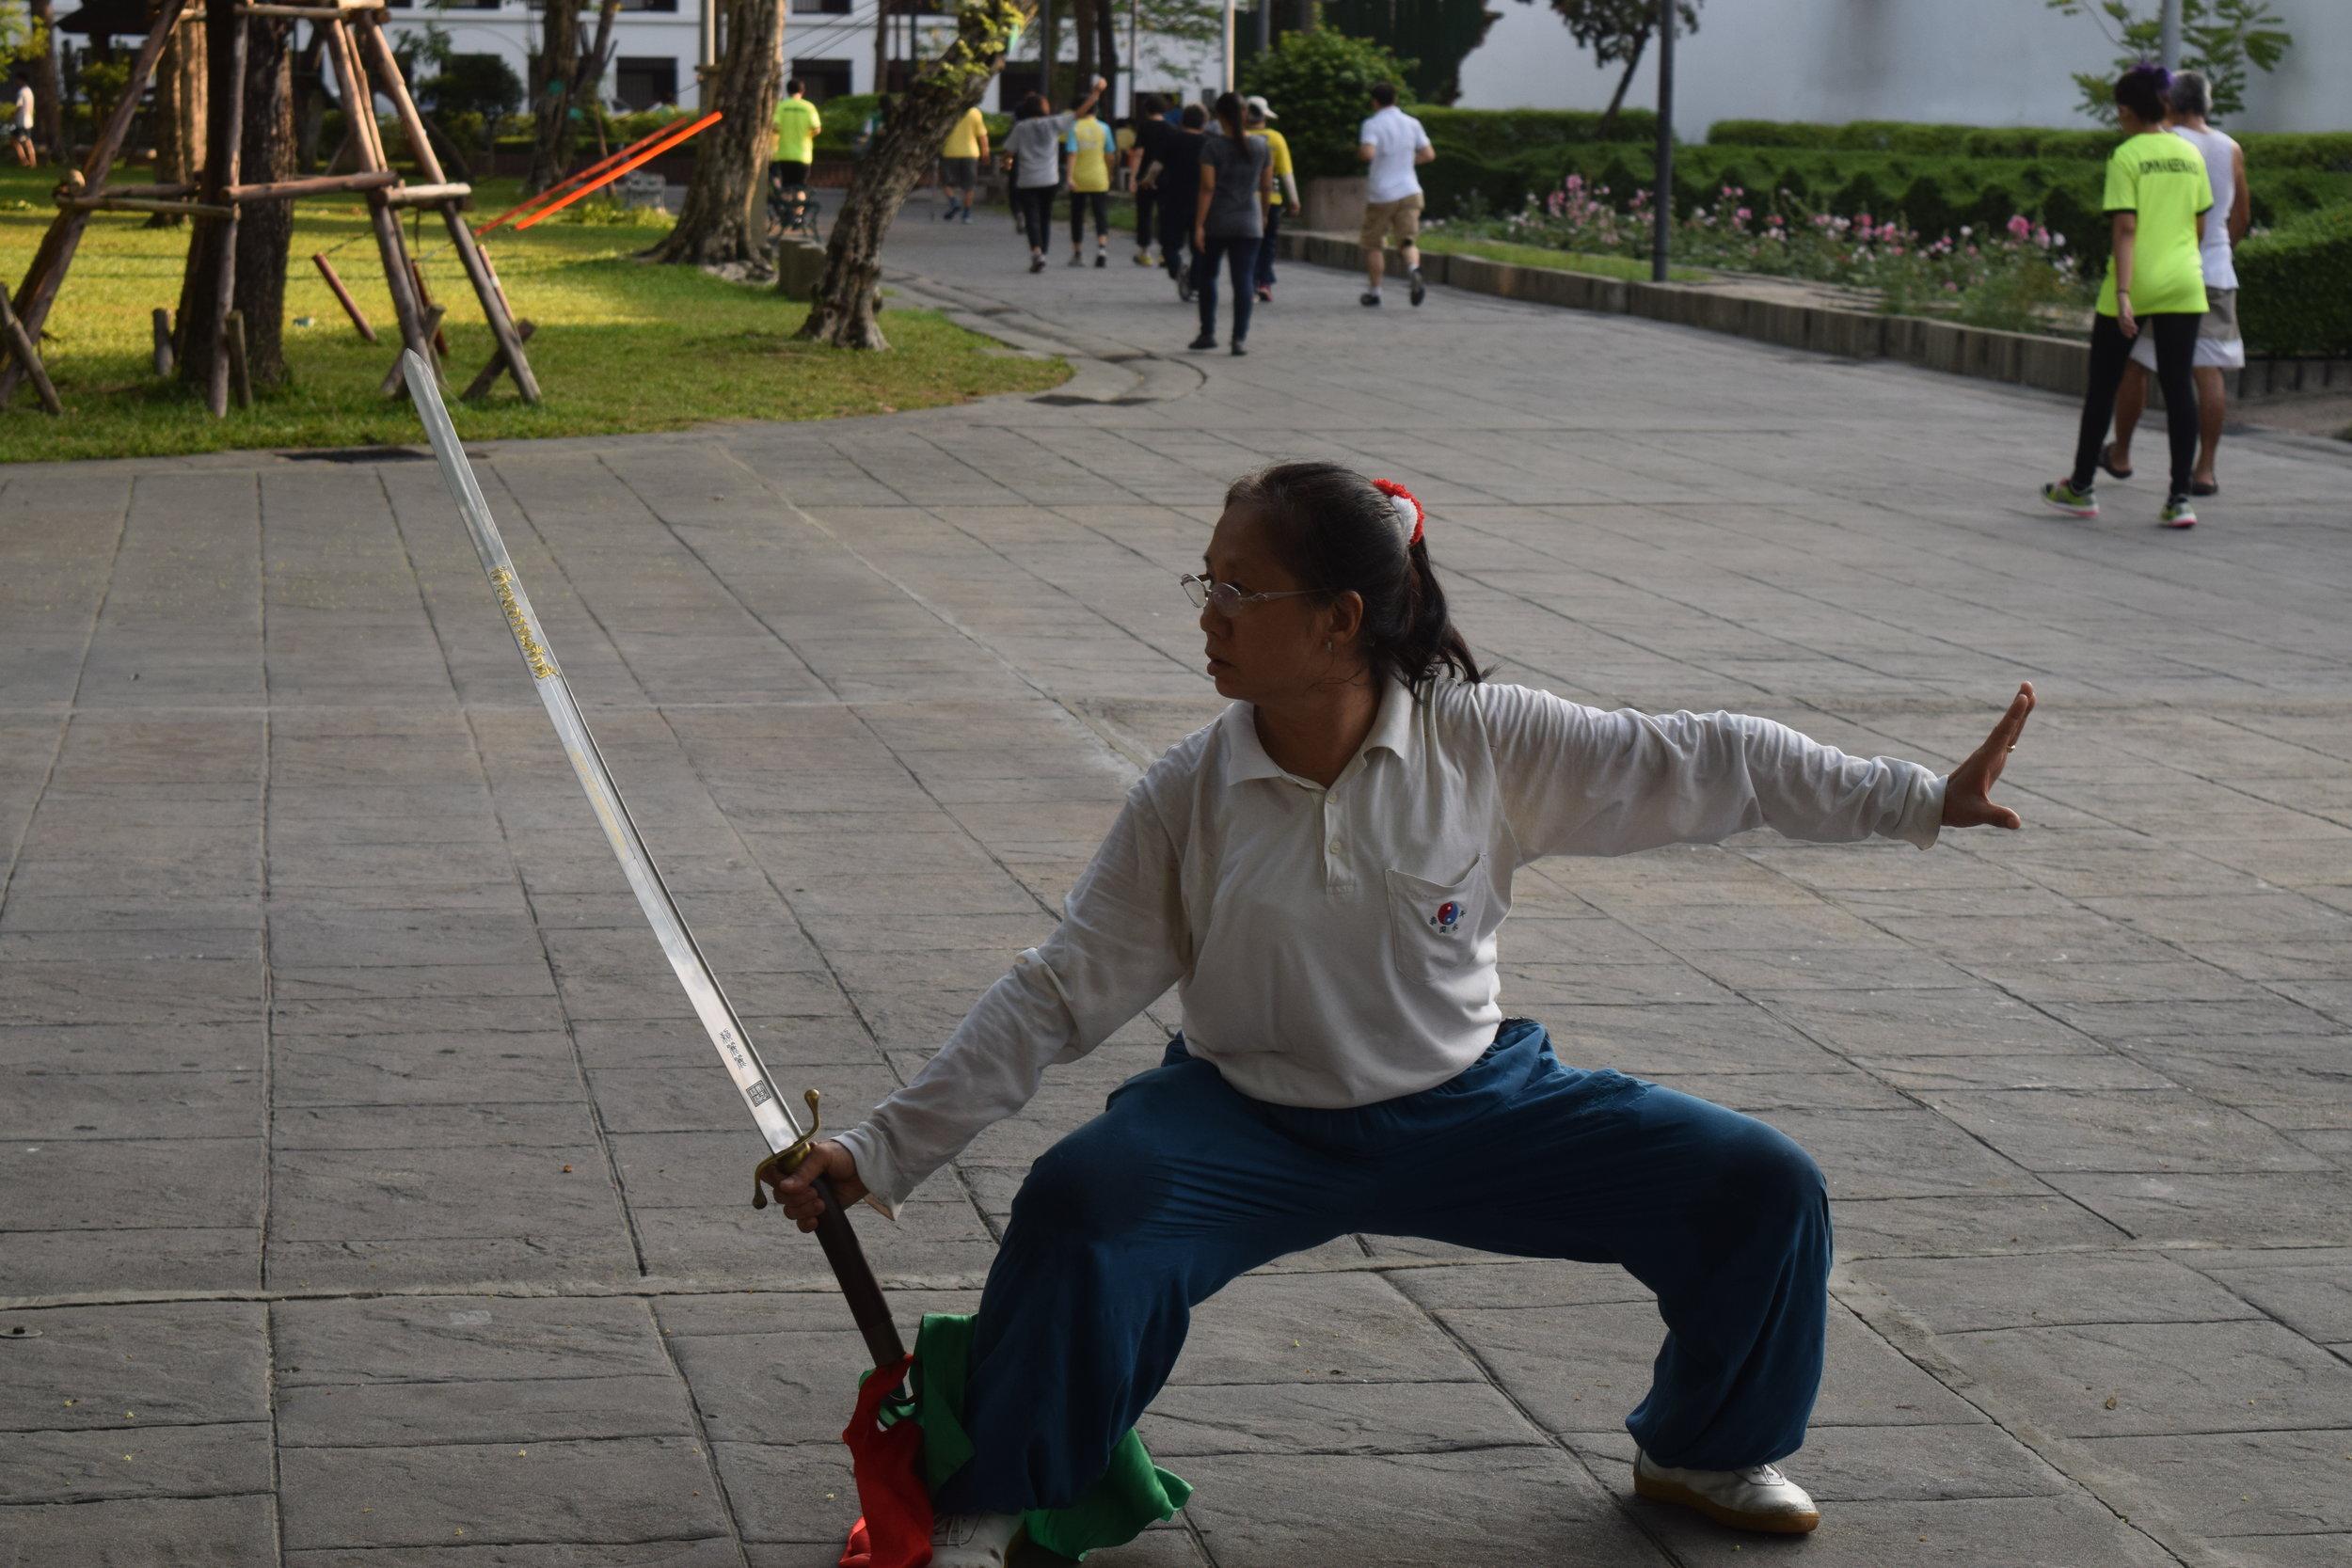 Questa nonnina sta praticando un'arte marziale cinese con diversi secoli di storia al parco pubblico di Bangkok. E quella spada è vera.Meglio non farla inca**are.